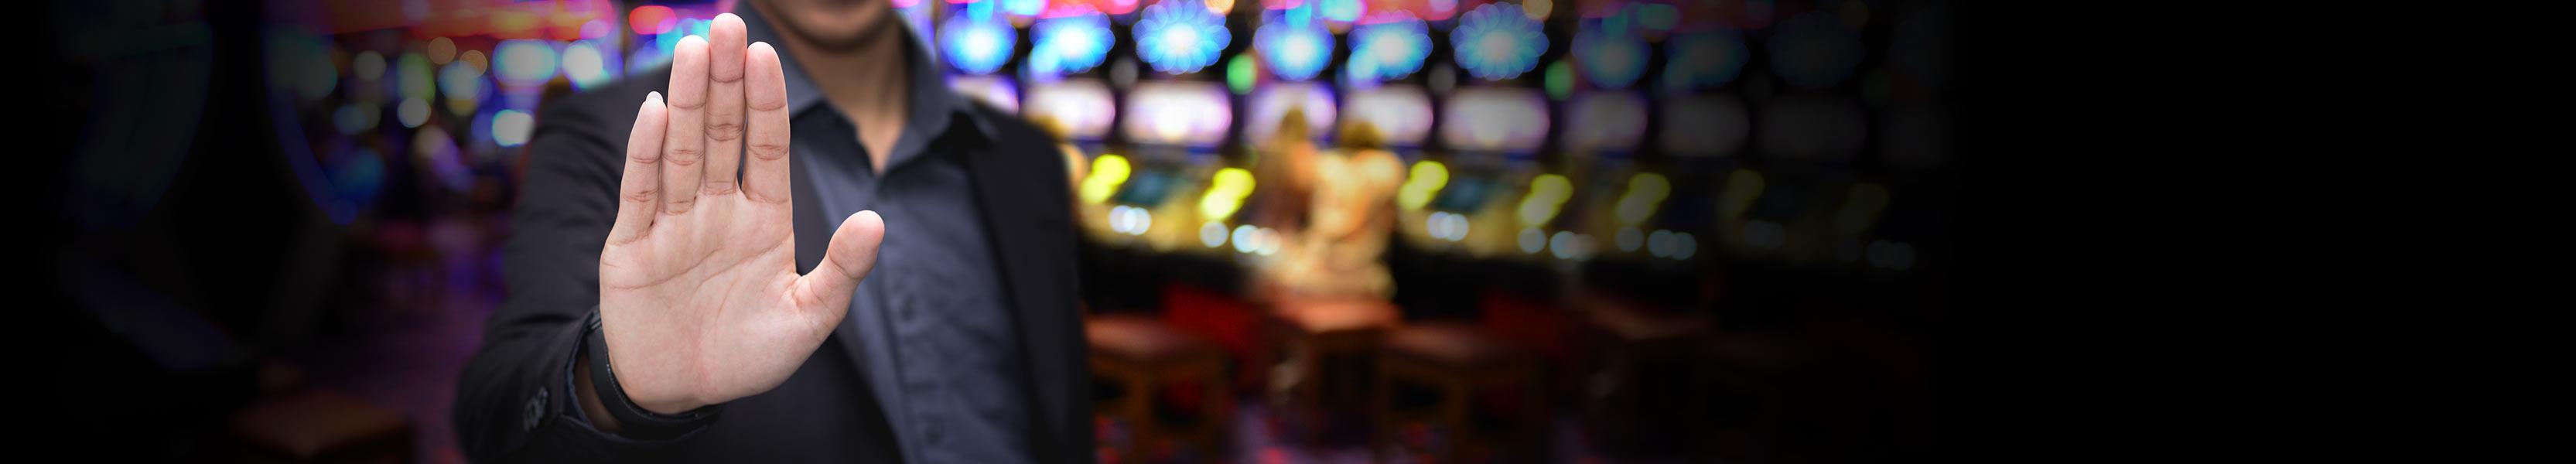 Zabetónuje prezident monopol na online automaty?